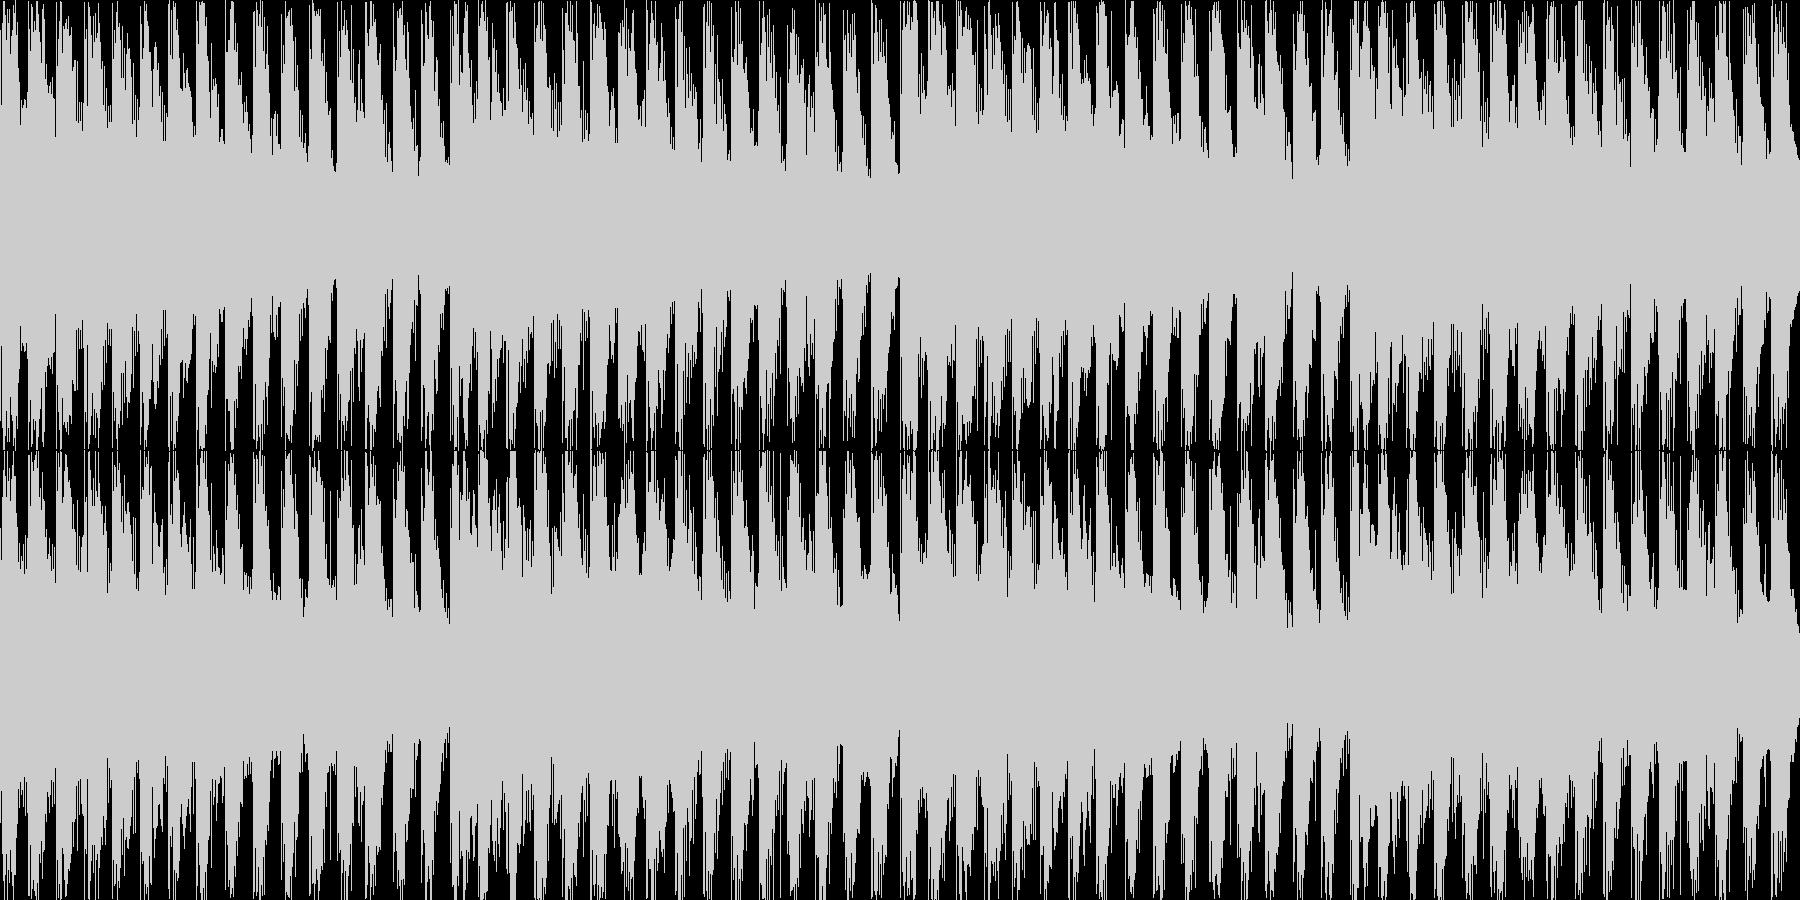 4つ打ちテクノのループ。の未再生の波形